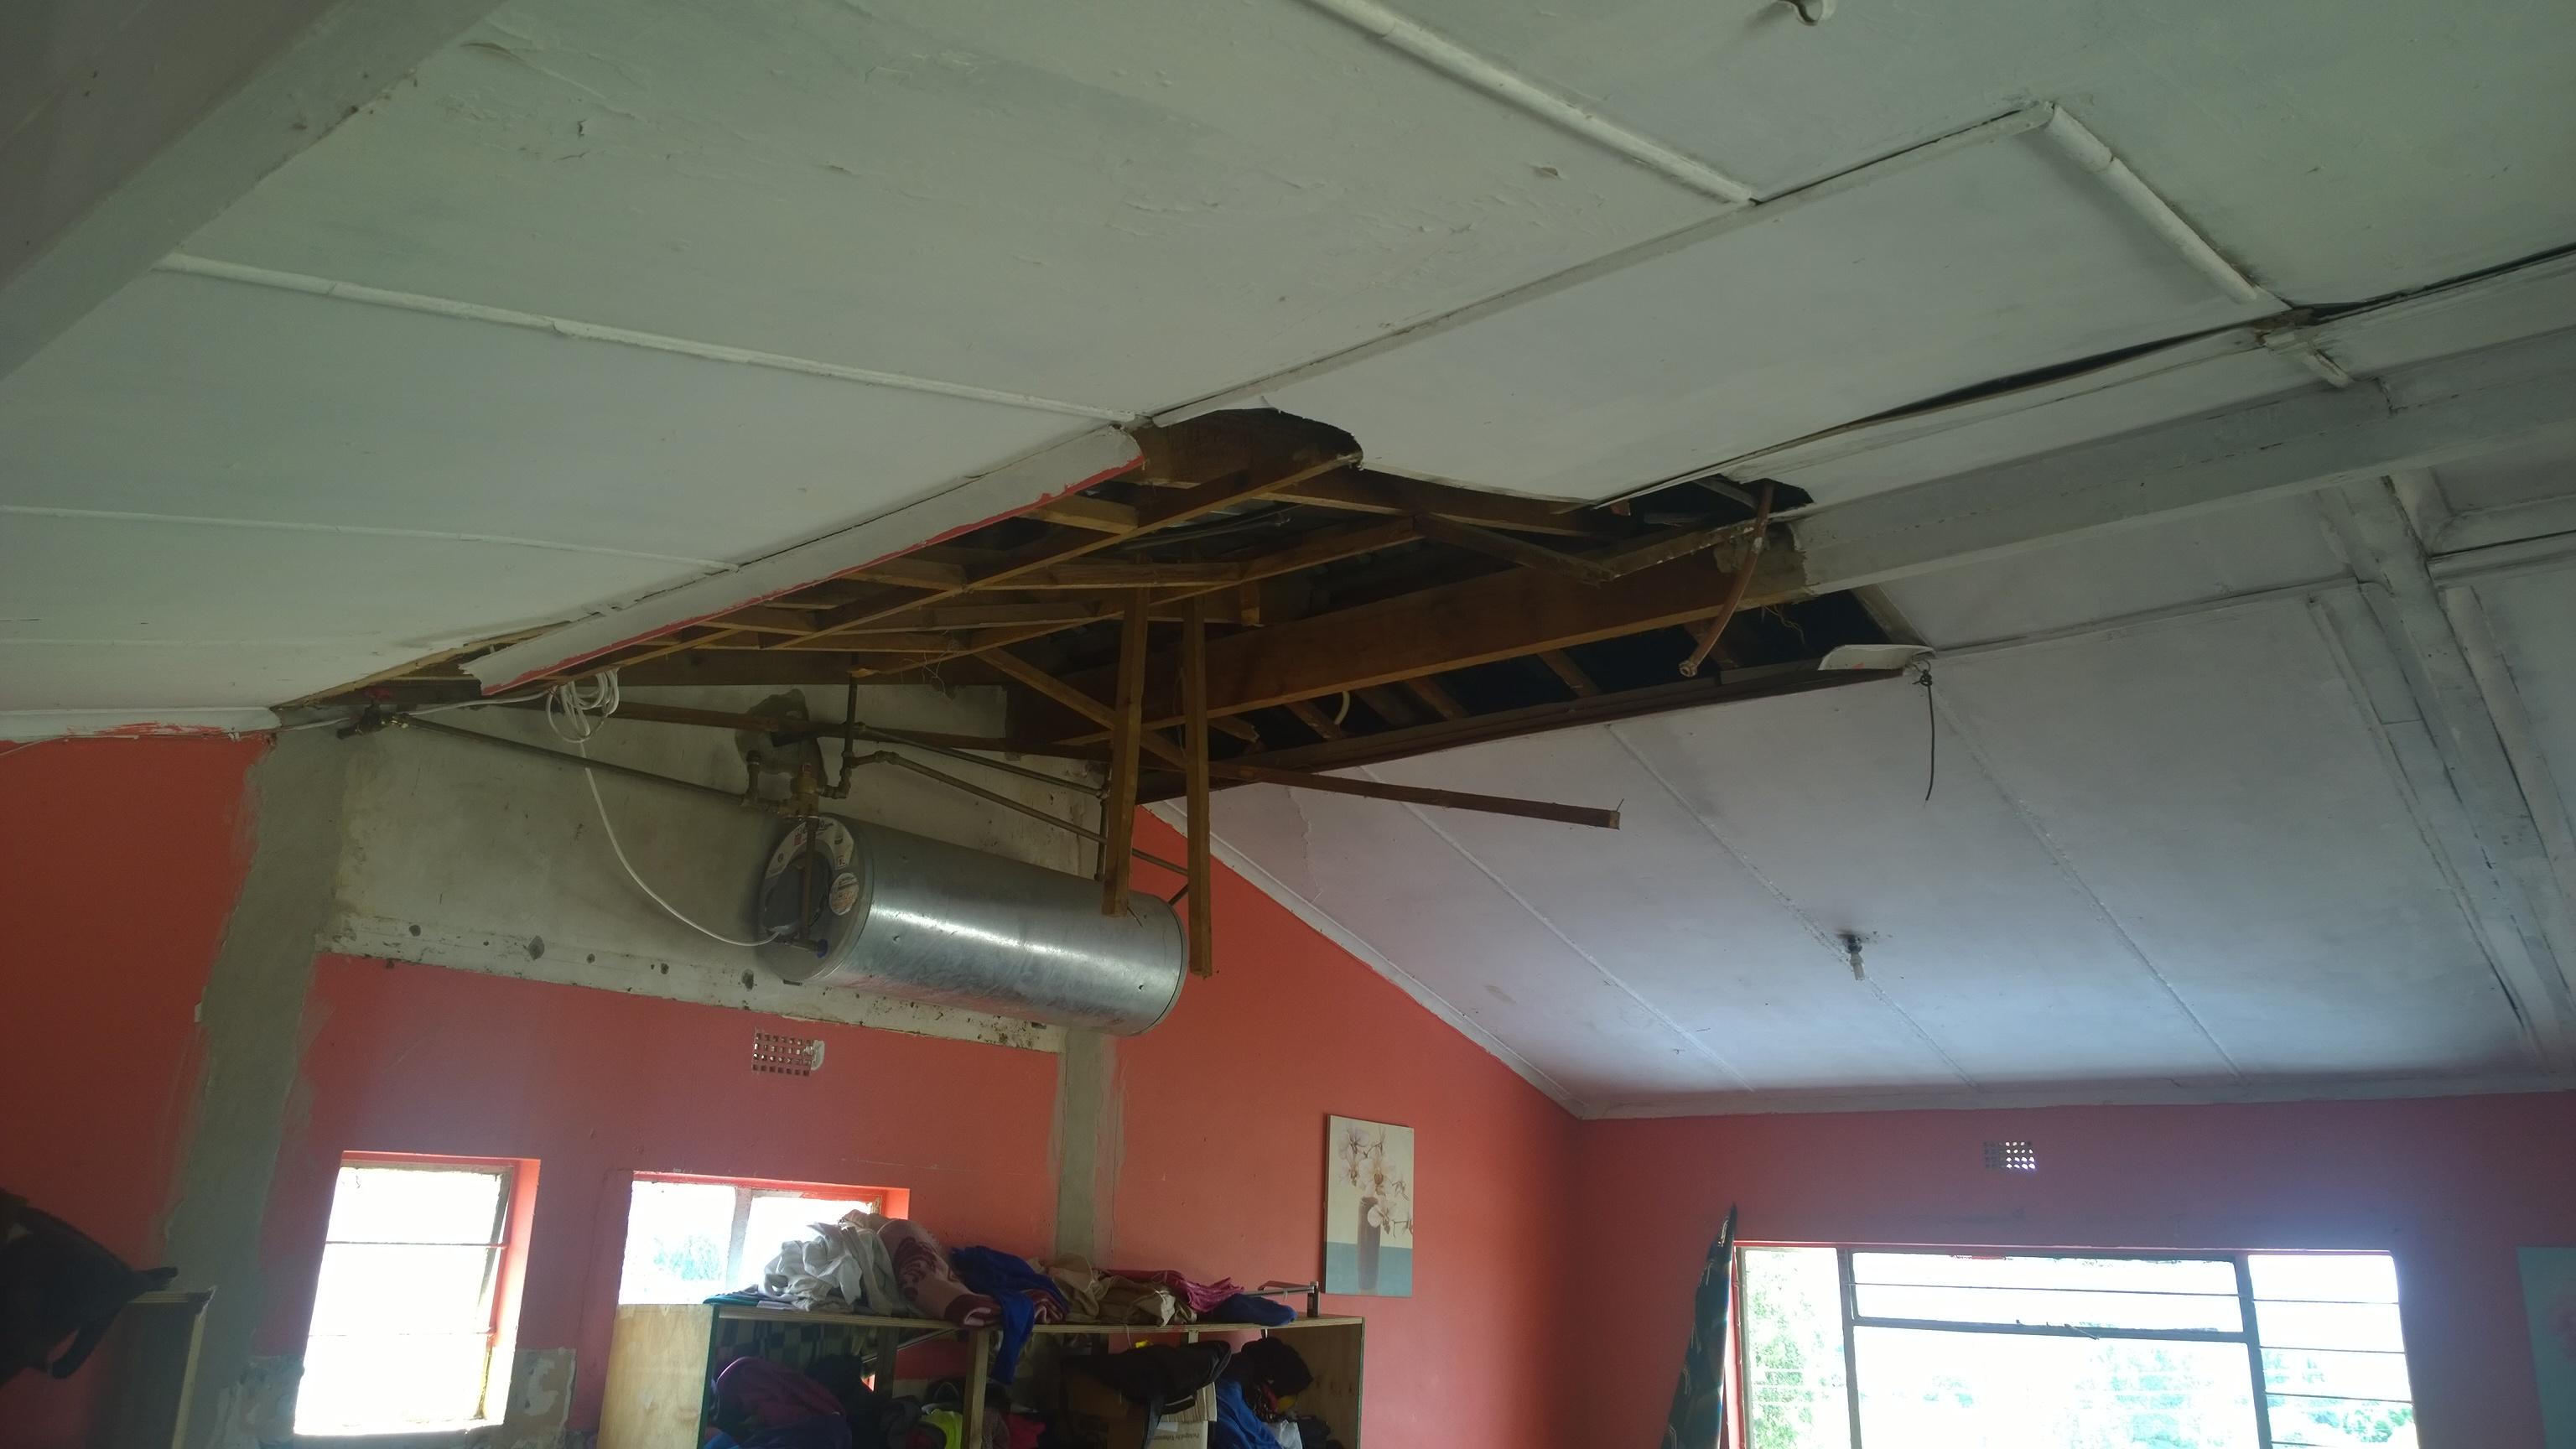 Roof under repairs